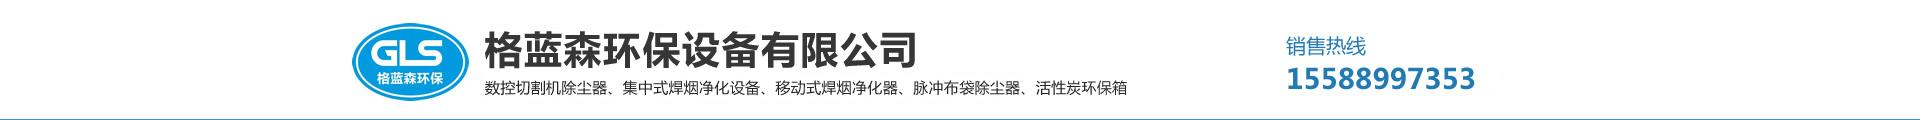 青岛格蓝森环保设备有限公司